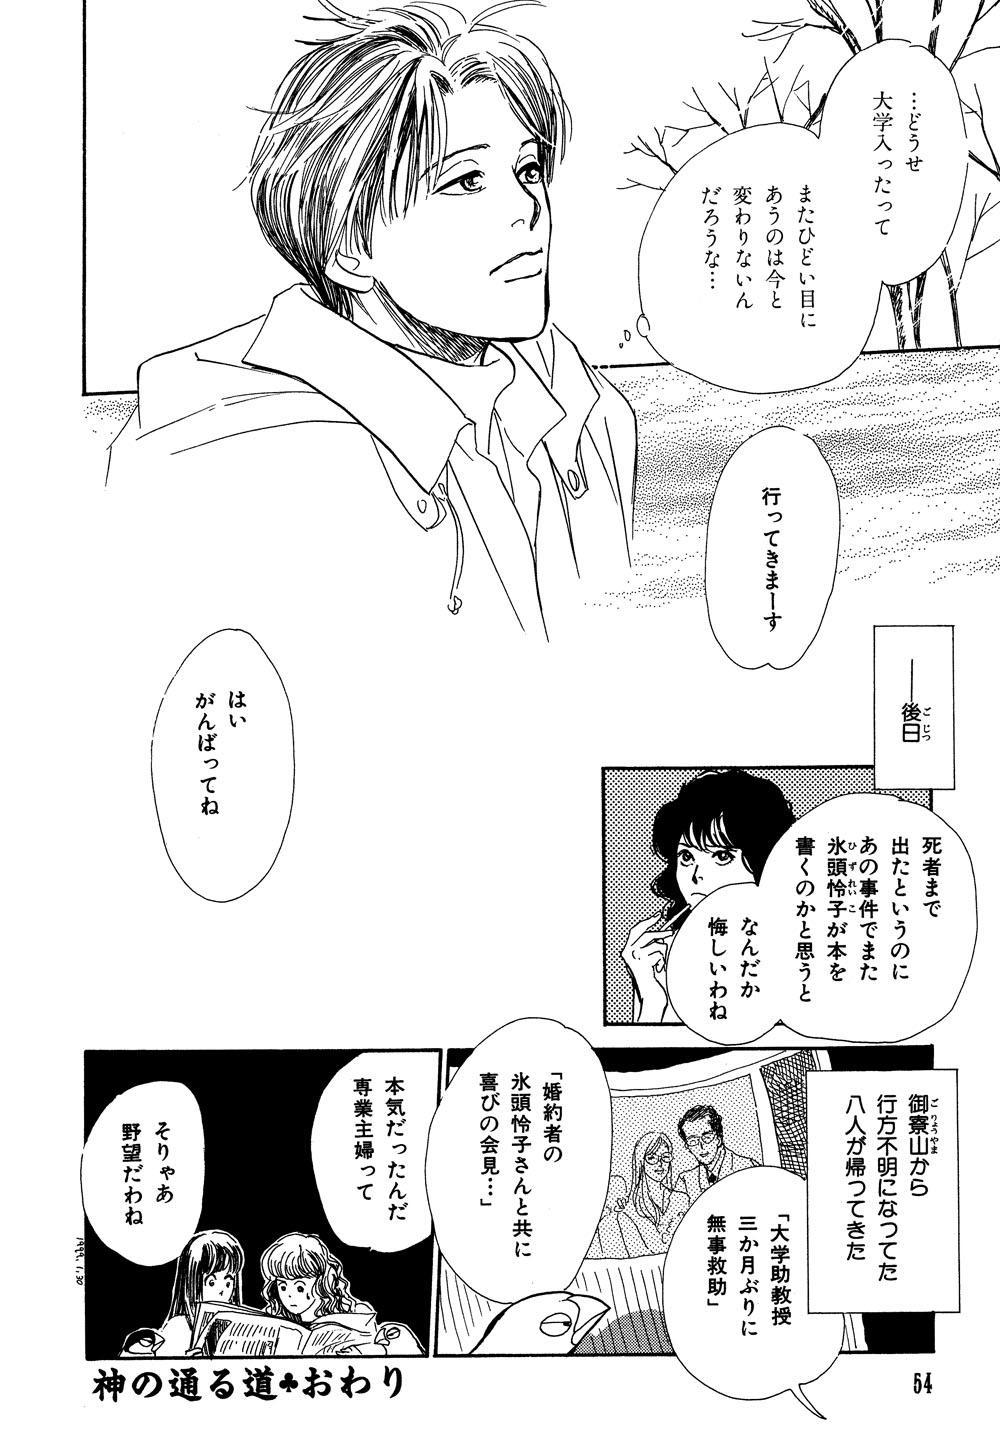 百鬼夜行抄_07_0058.jpg